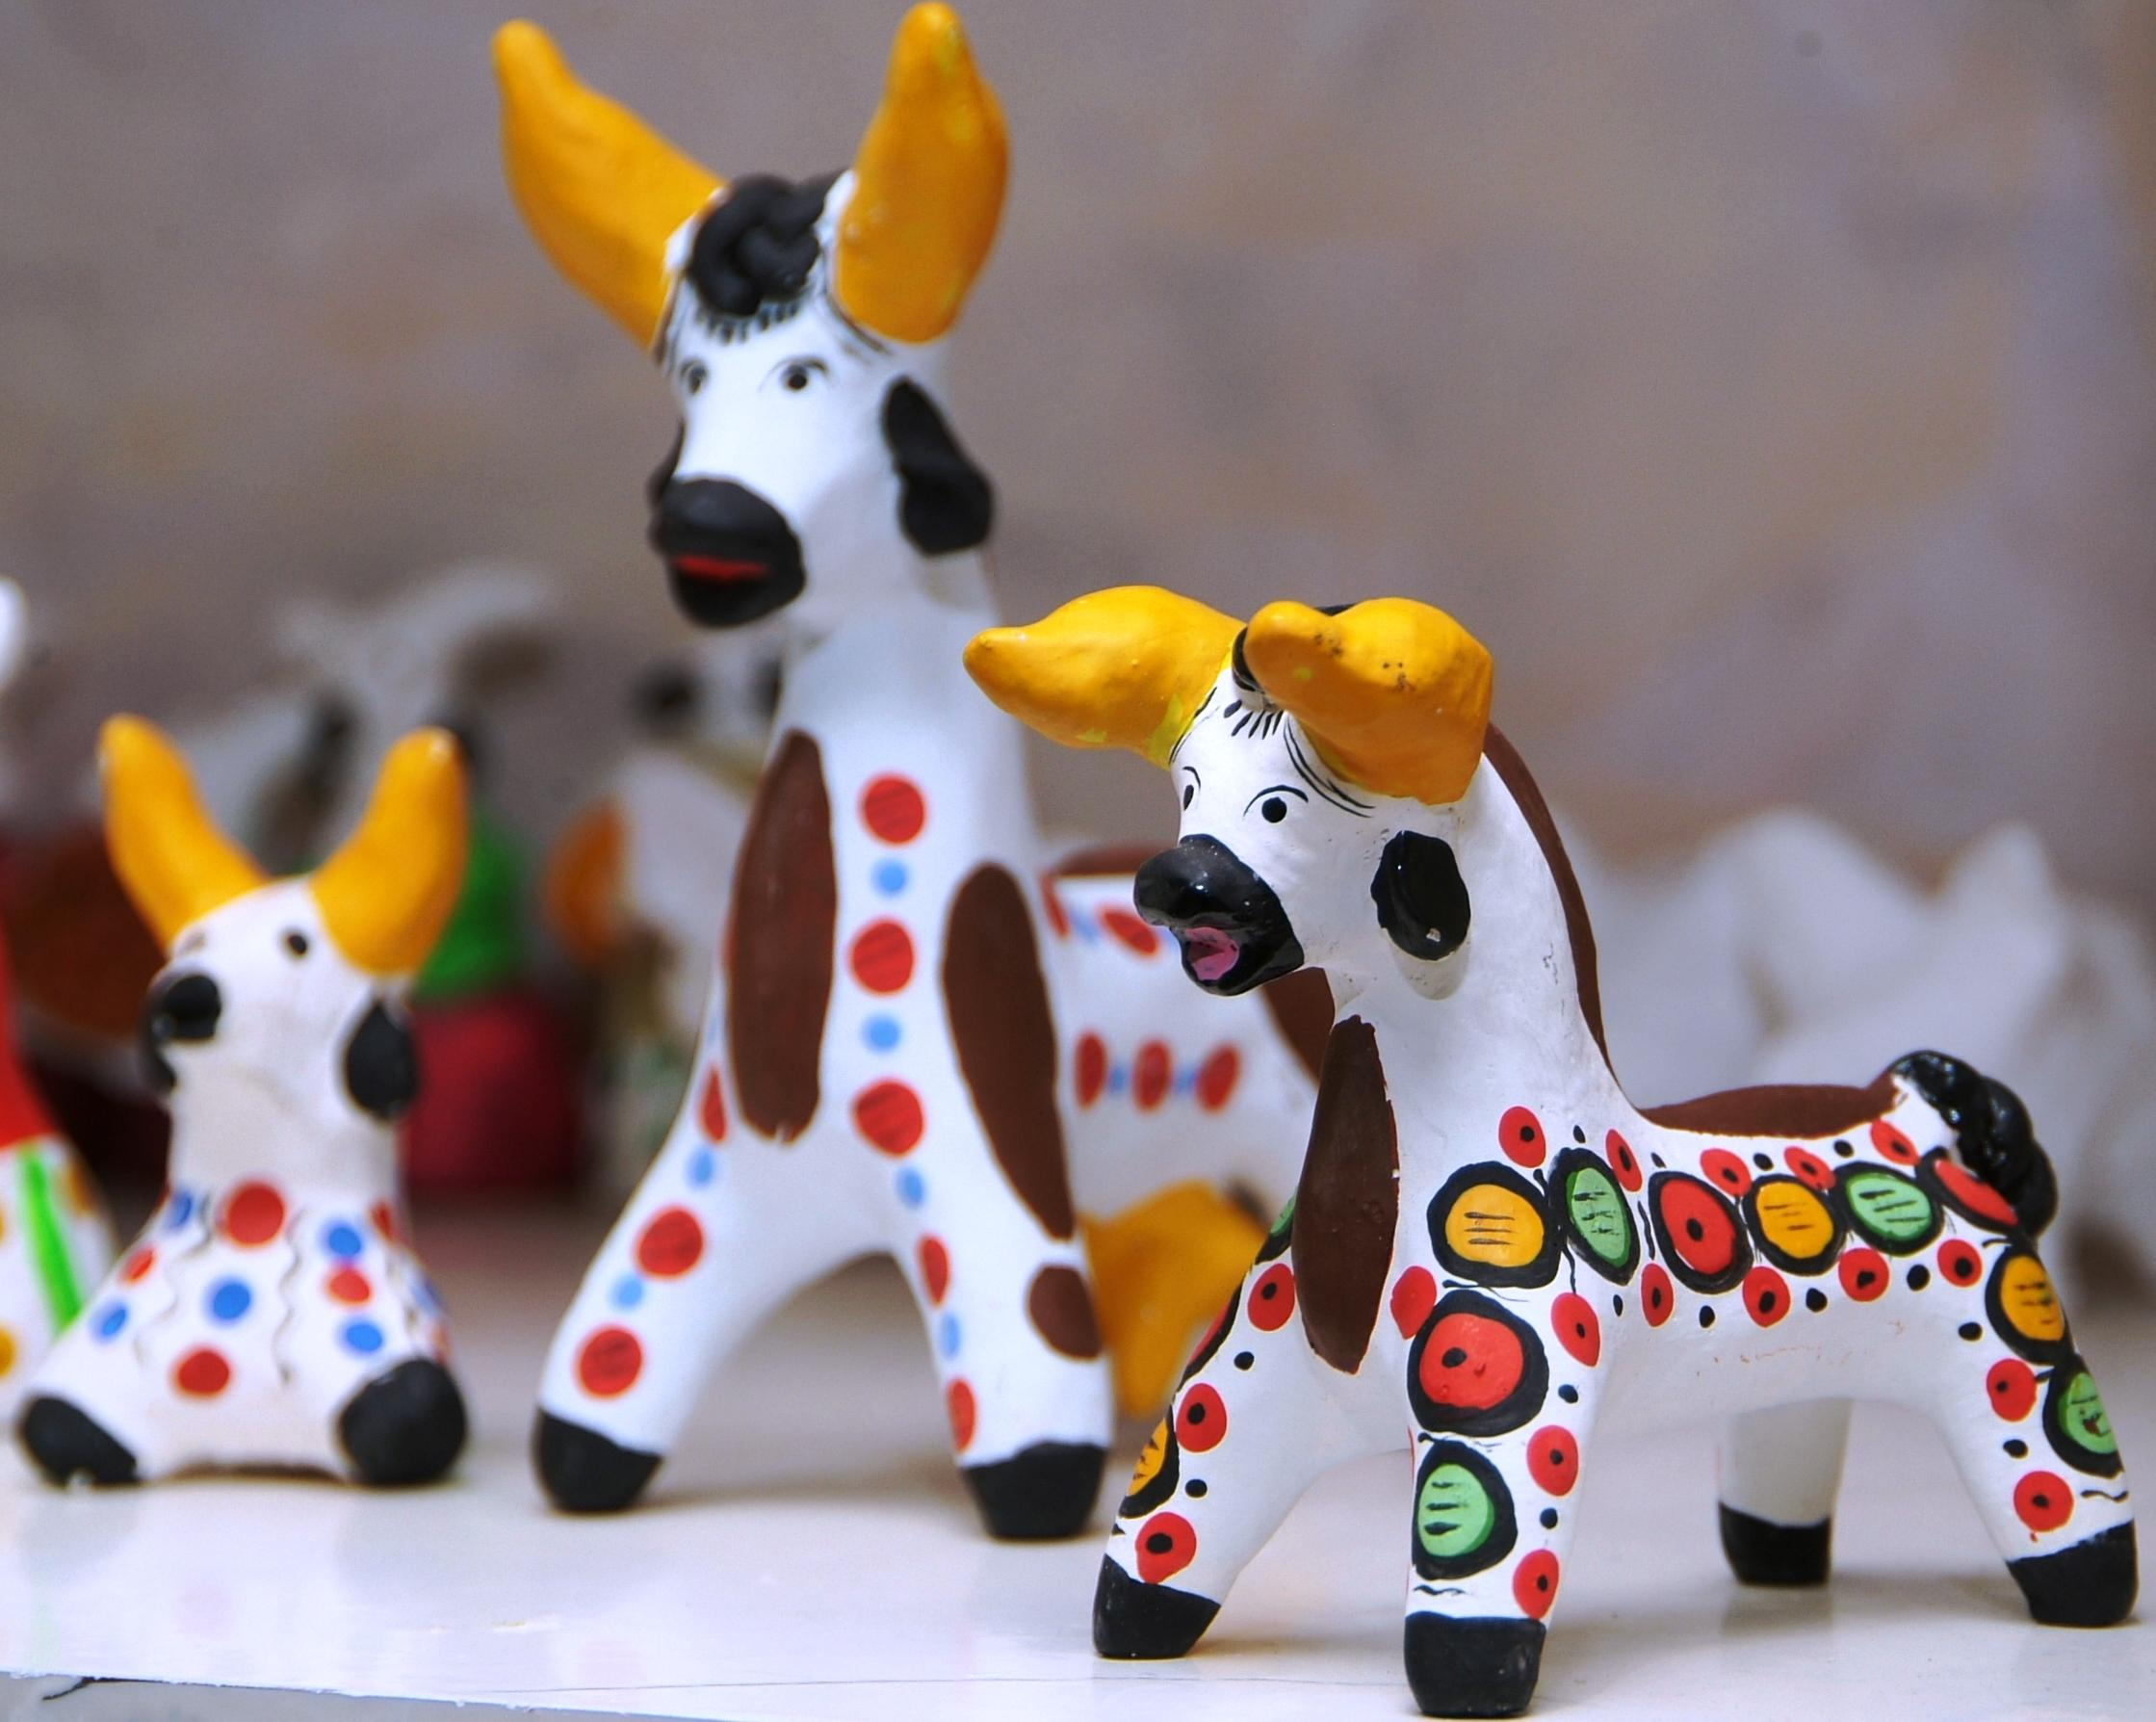 картинки глиняной игрушки видели когда-нибудь